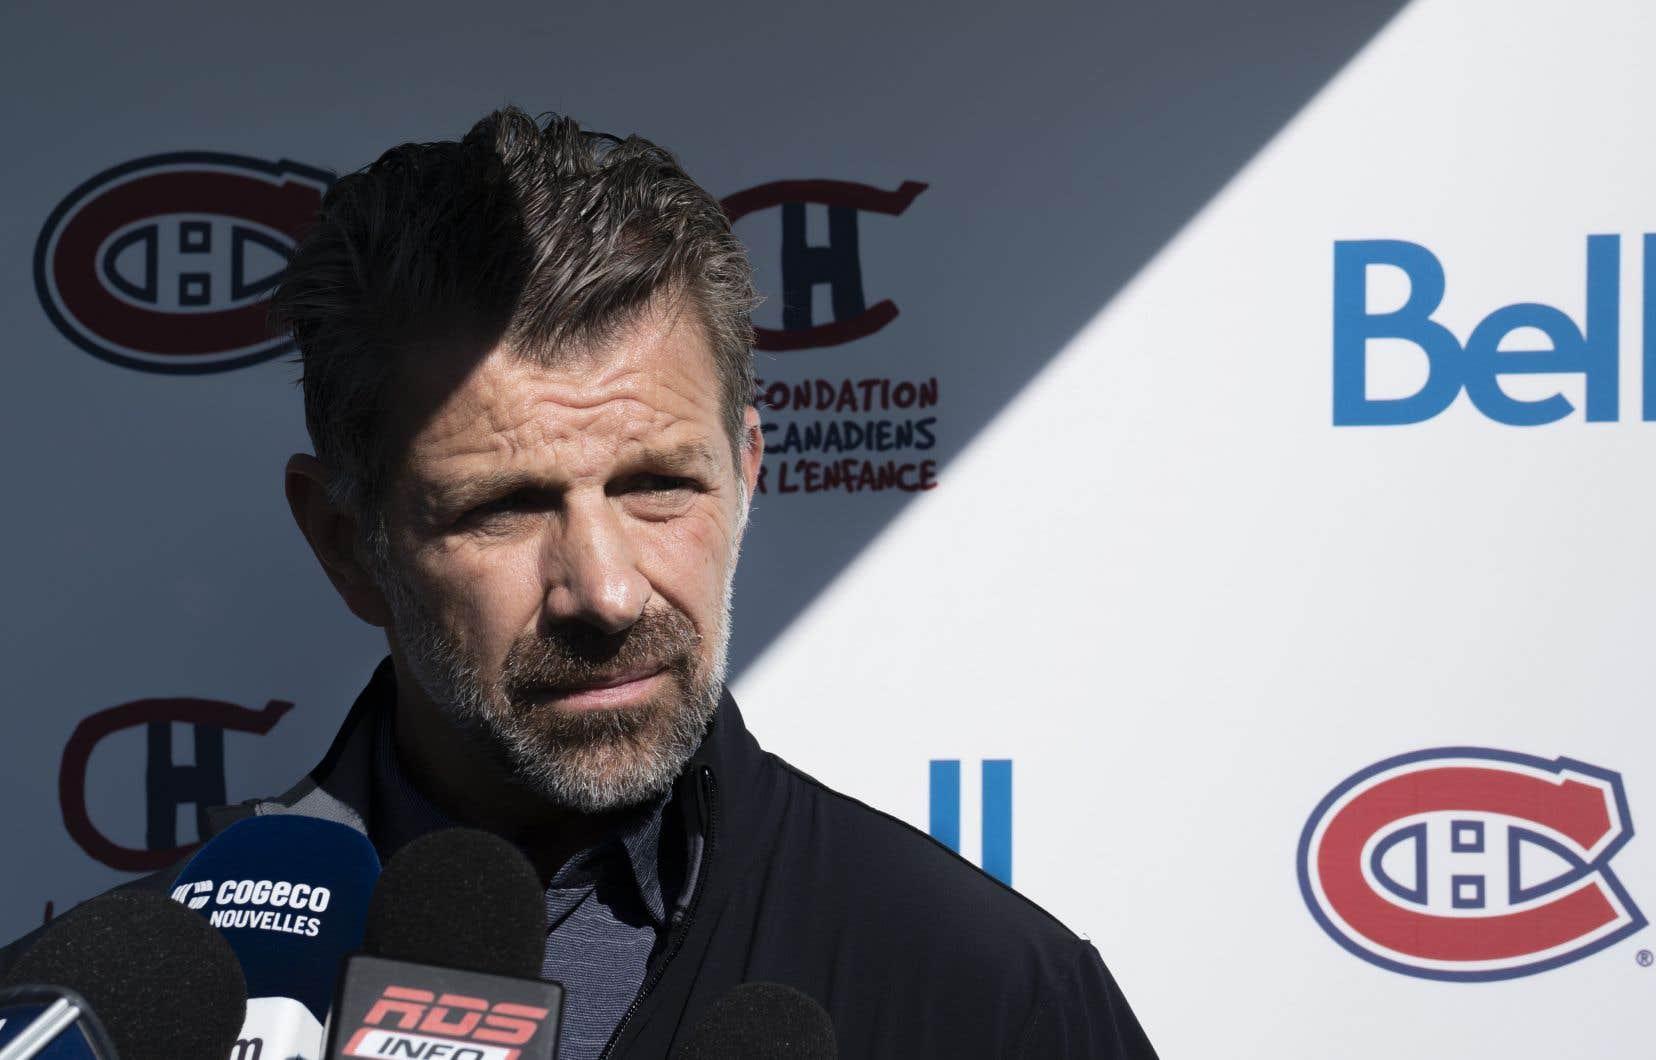 «Vous êtes tous au courant de la politique de la LNH concernant les joueurs qui ne sont pas sur la patinoire et je vais vous demander de la respecter», a dit Marc Bergevin.